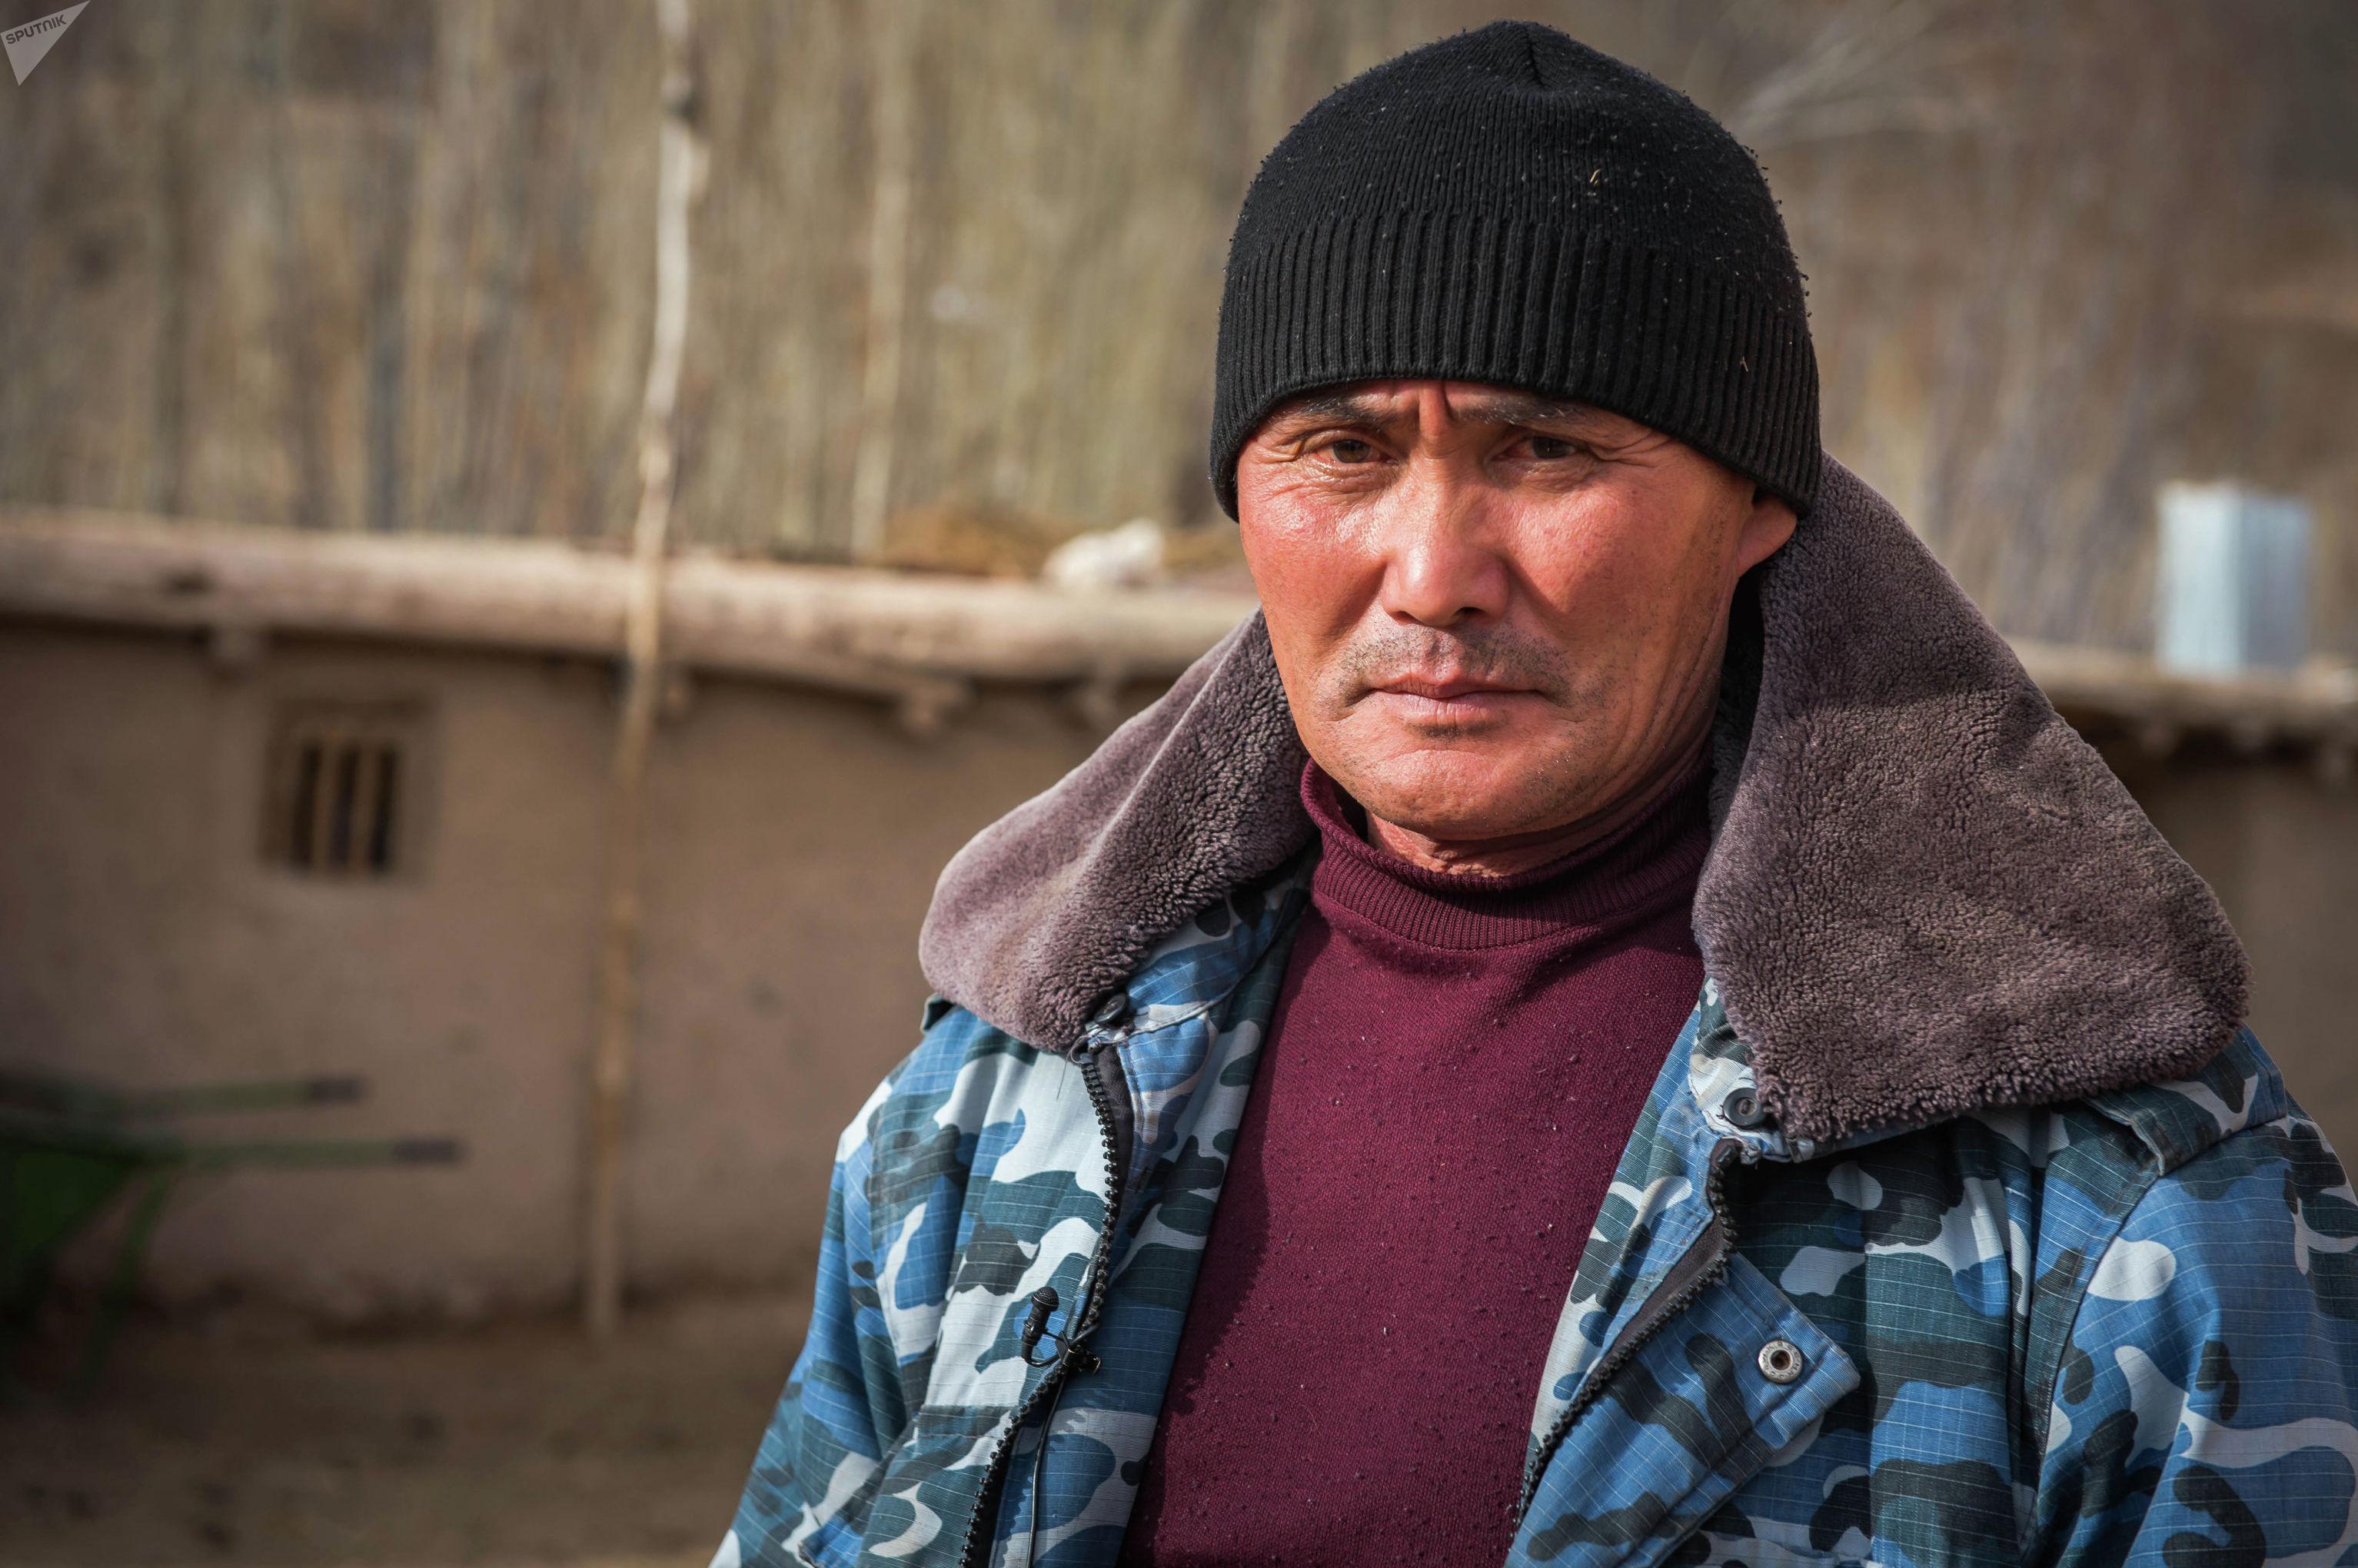 Участник баткенских событий, сотрудник милиции Жаныбай Кадыров провел в плену у экстремистов 56 дней